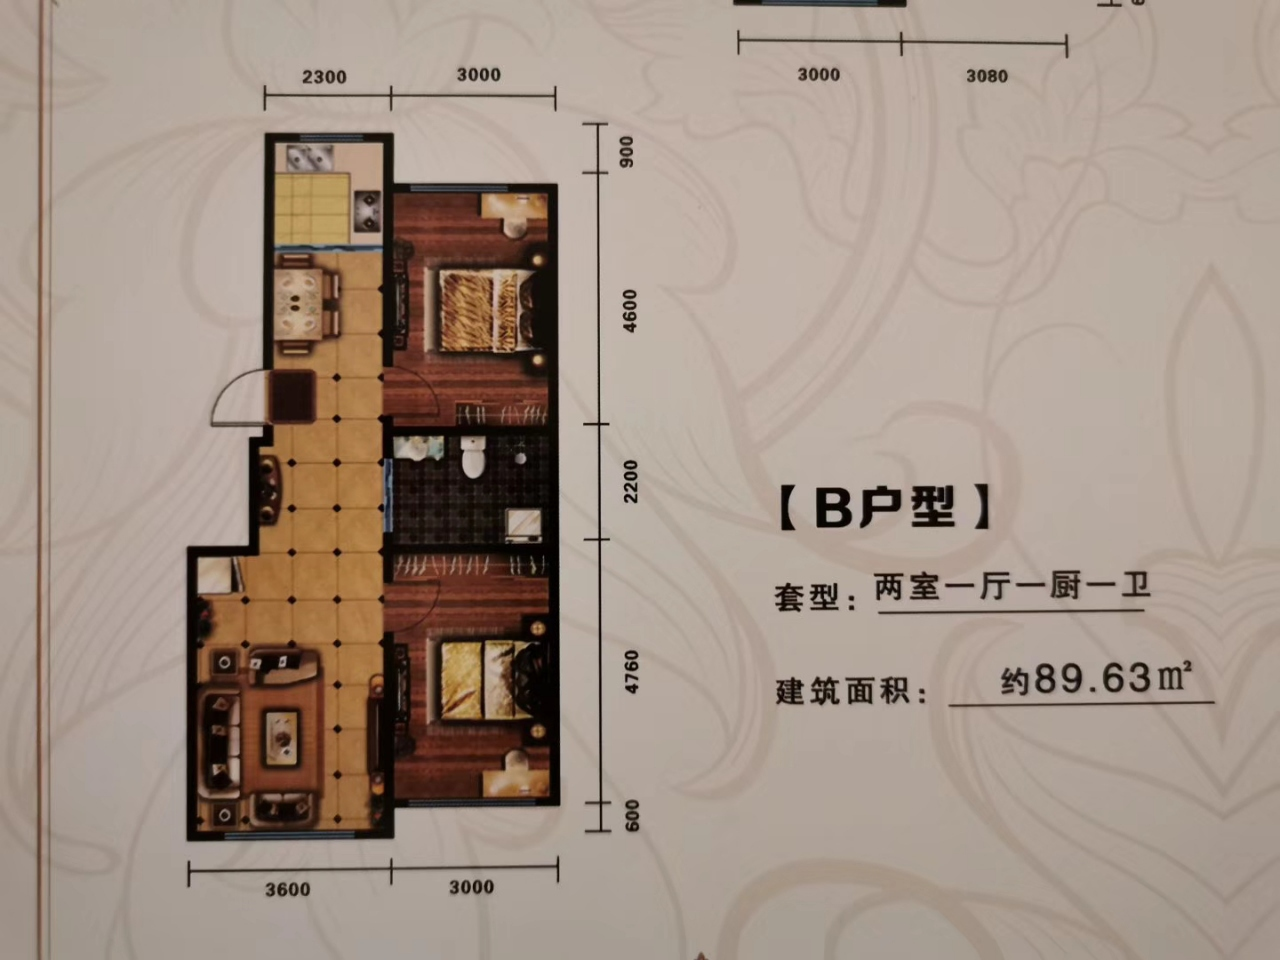 桃源居2室1厅1卫电梯洋房